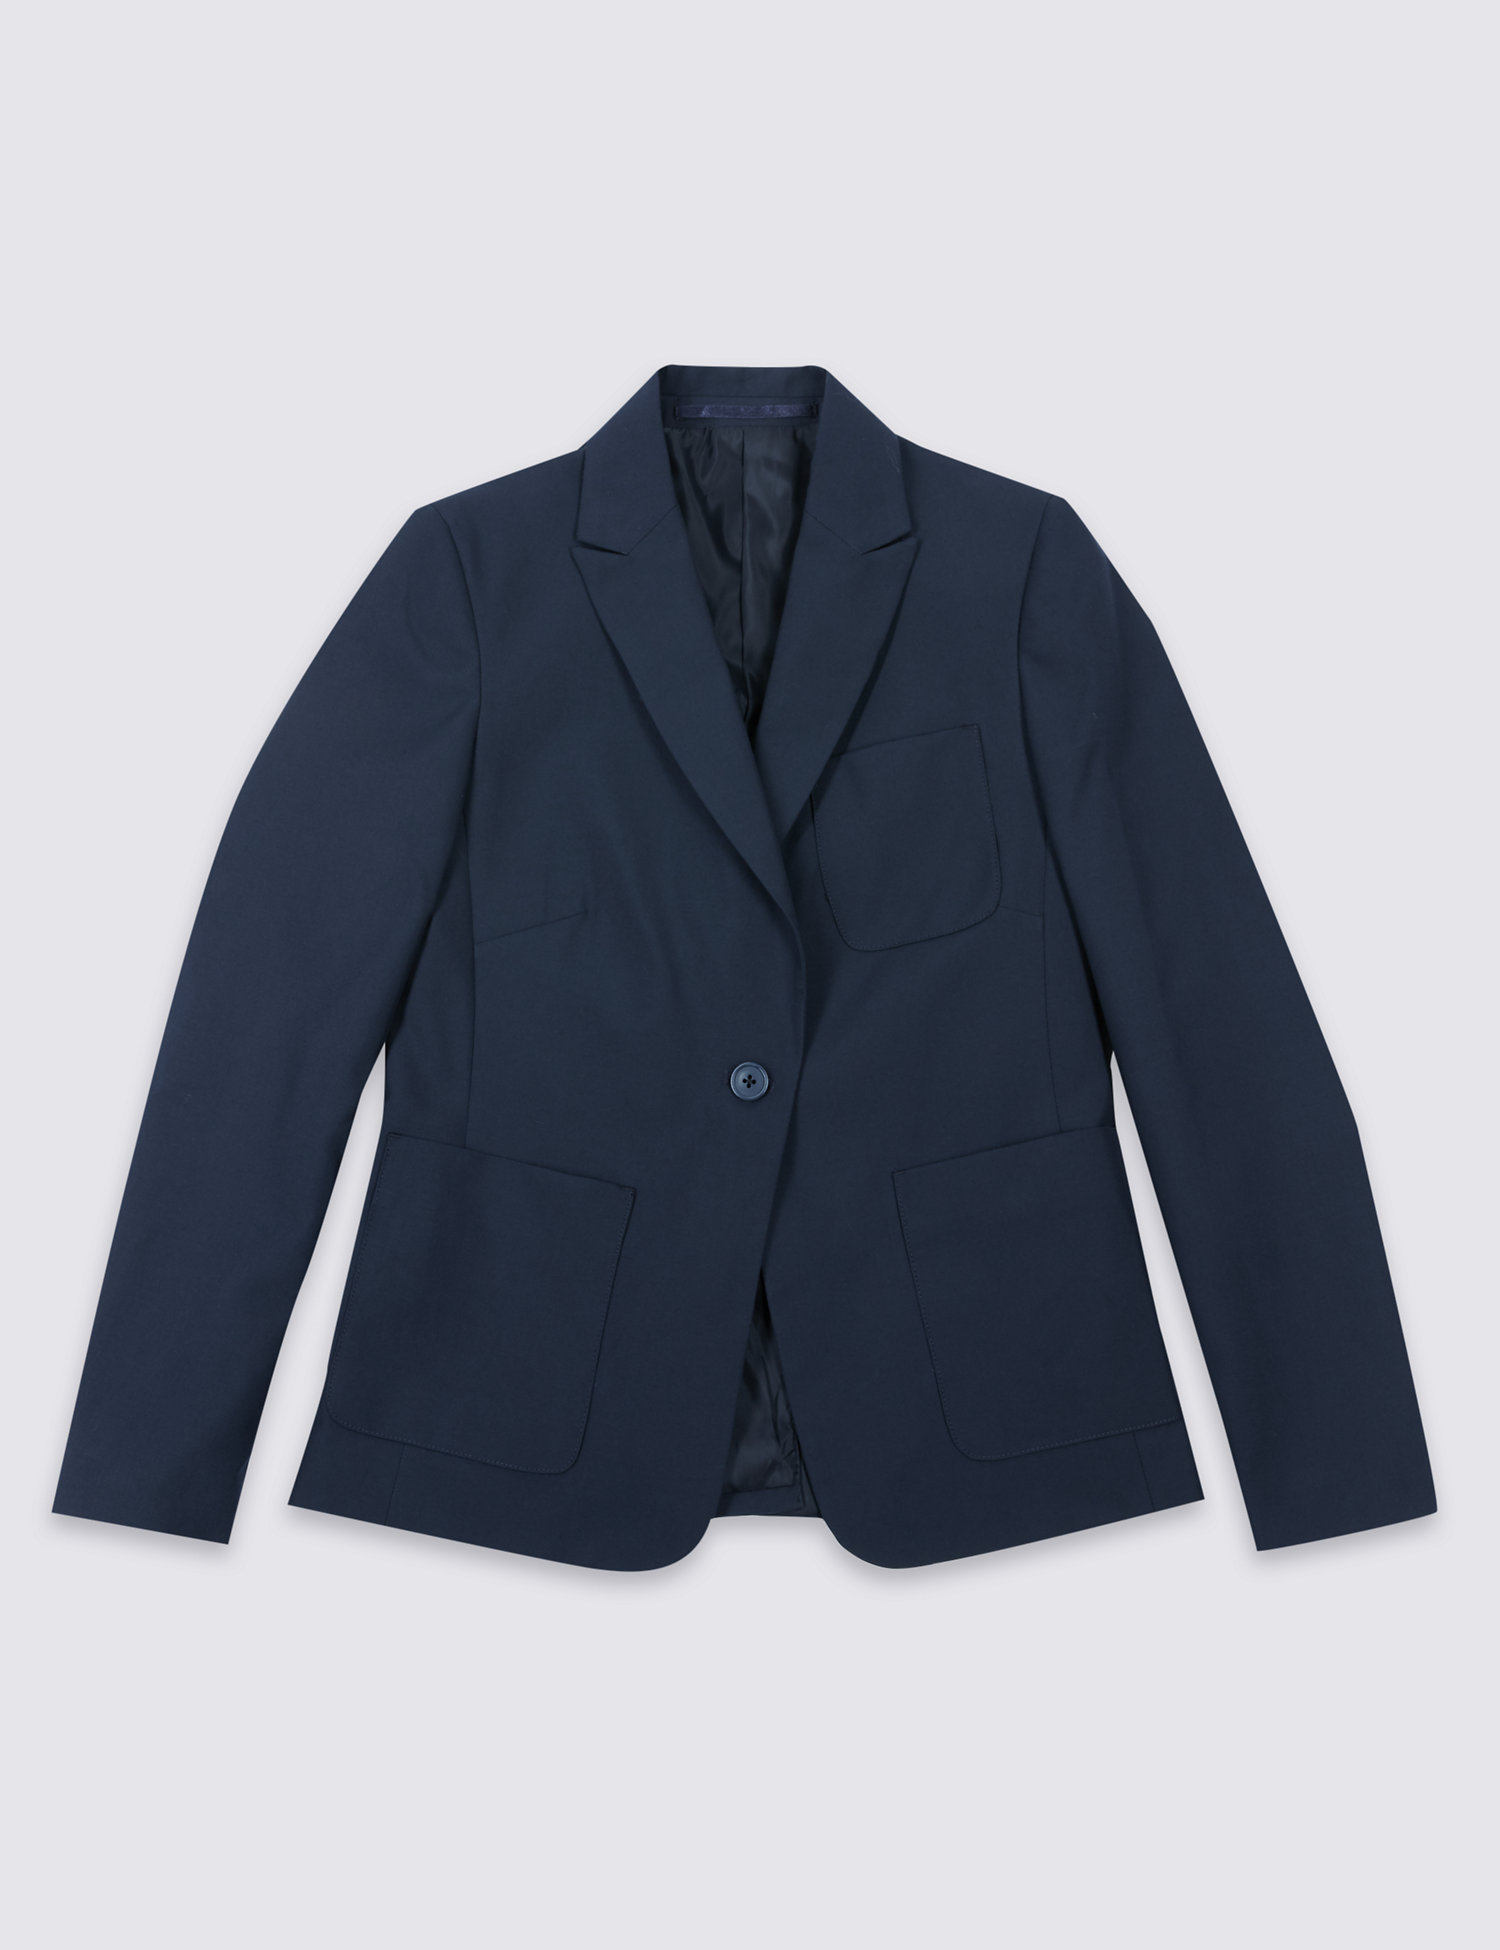 Slim fit navy blazer